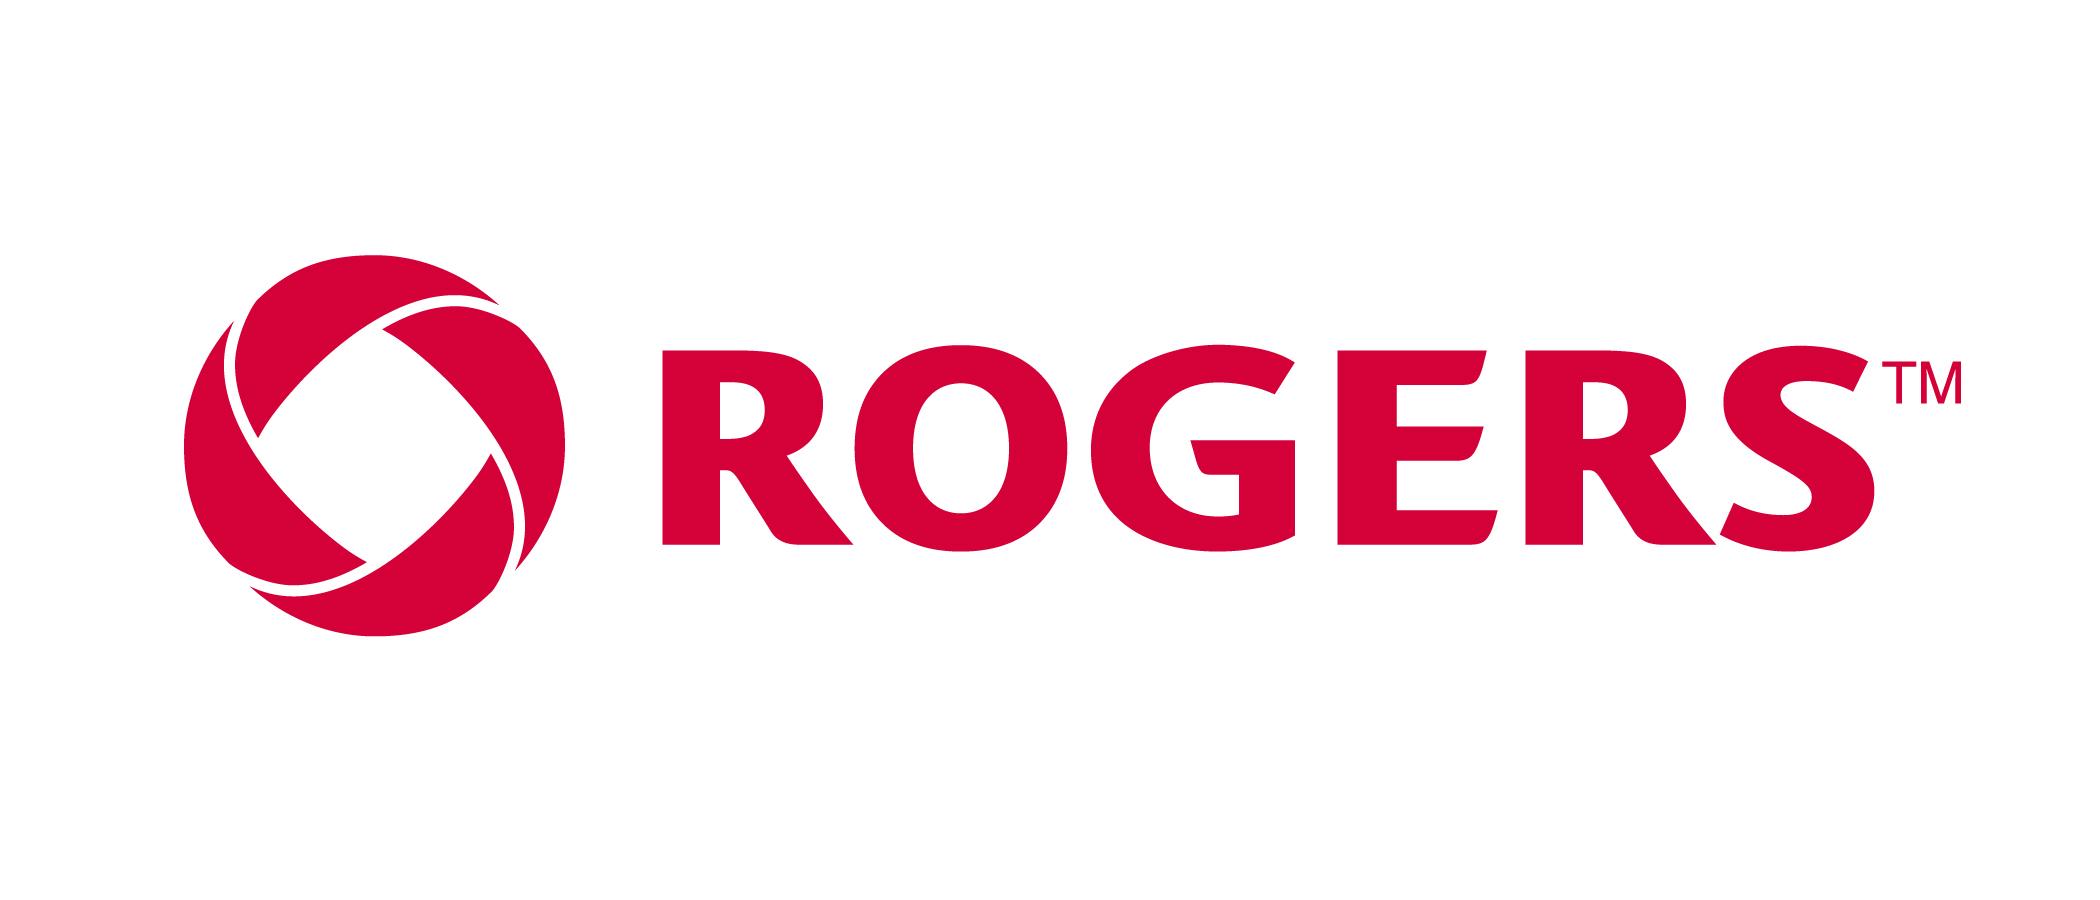 26 - Rogers.jpg